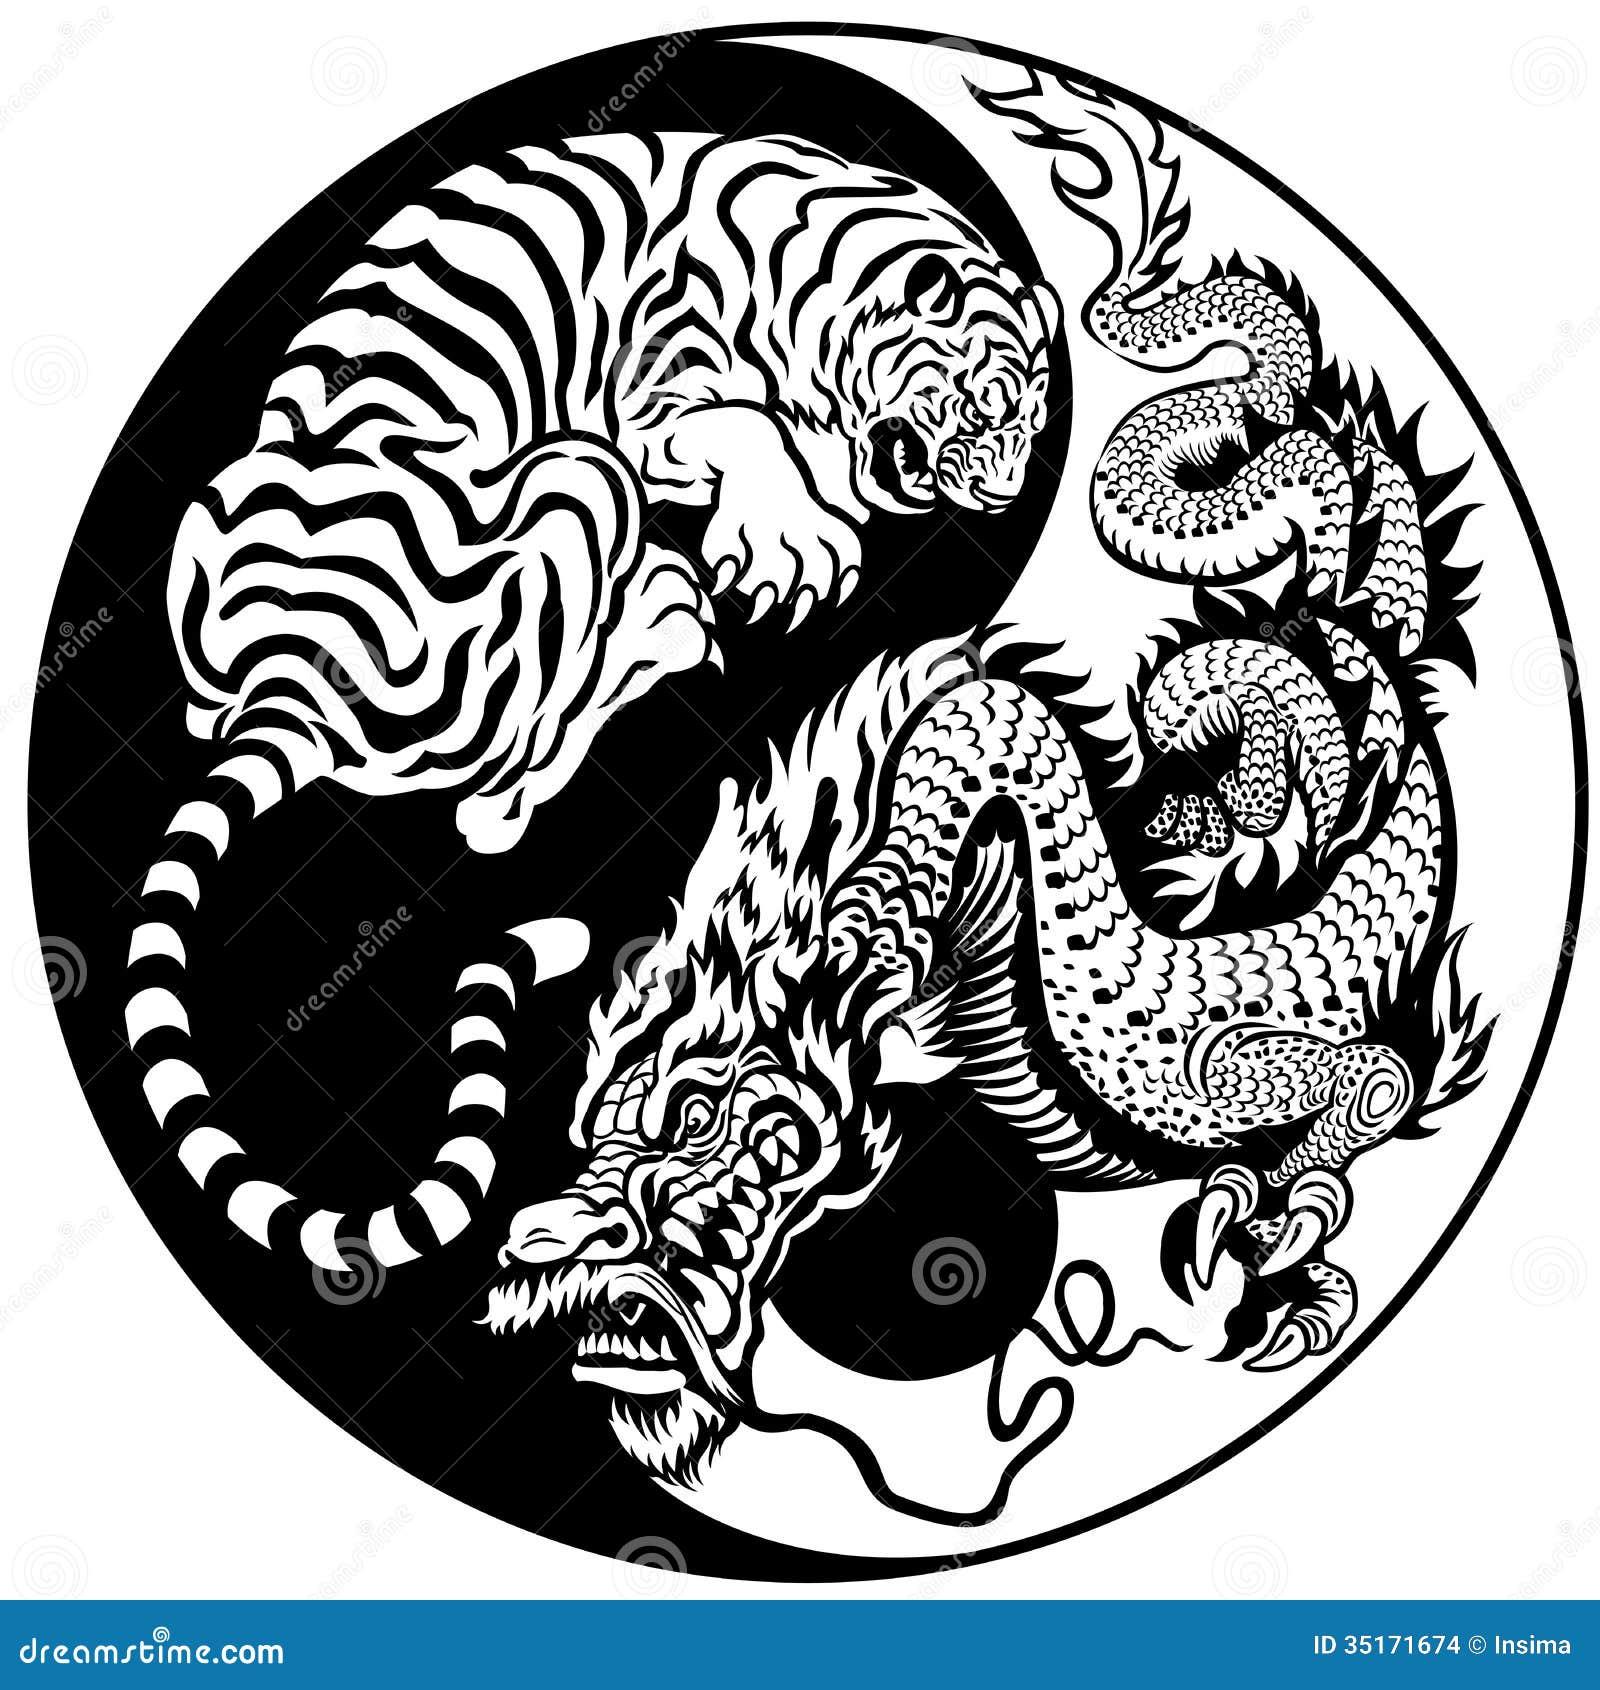 дракон со знаком инь янь